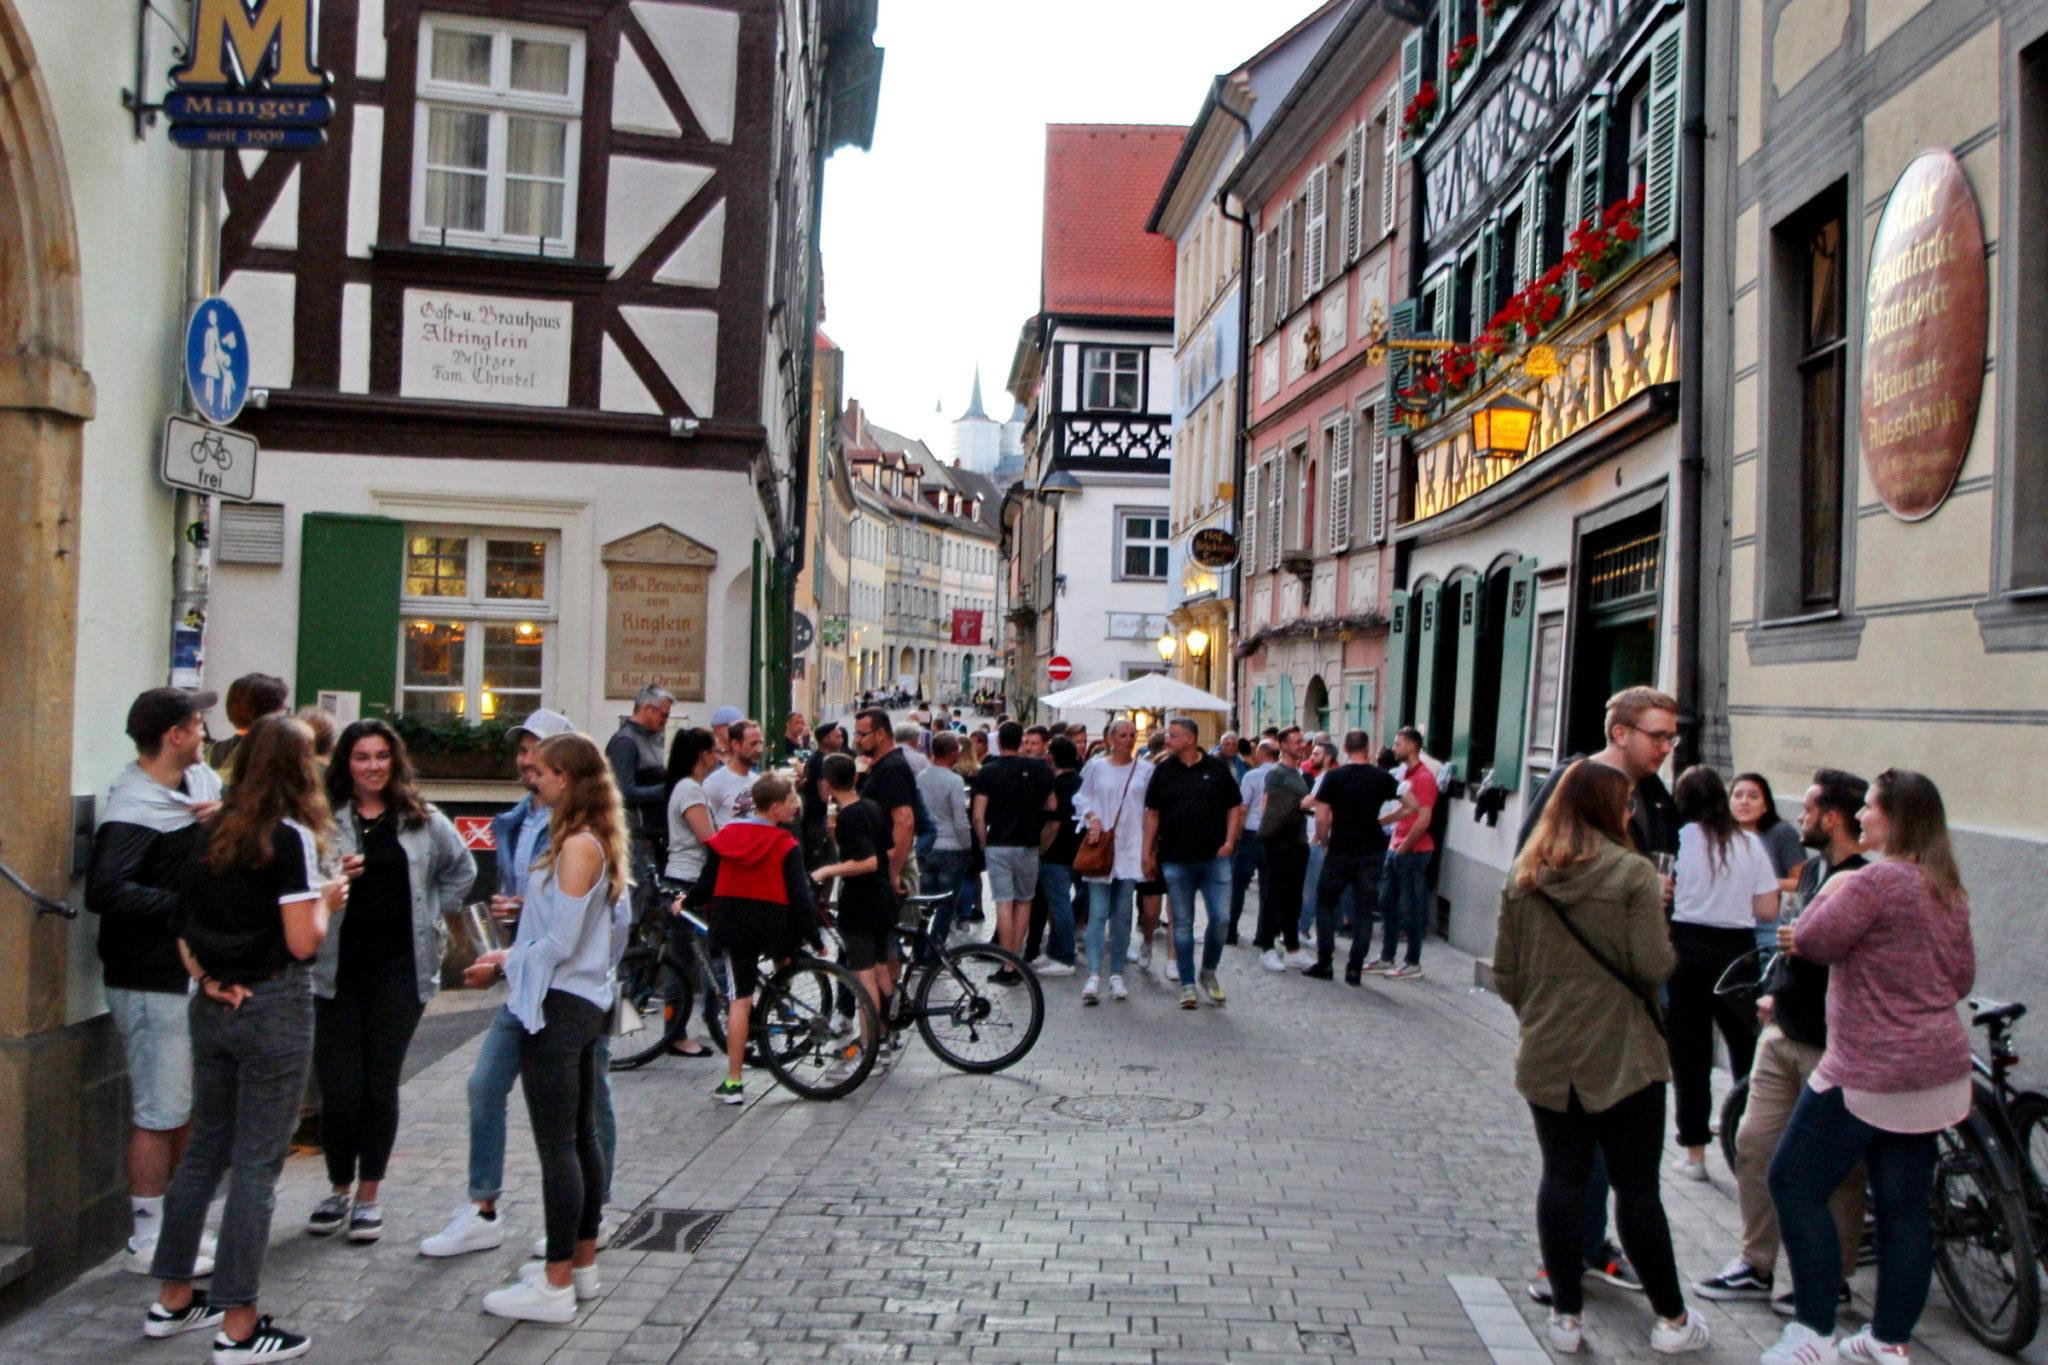 Øldrikkere i Bamberg